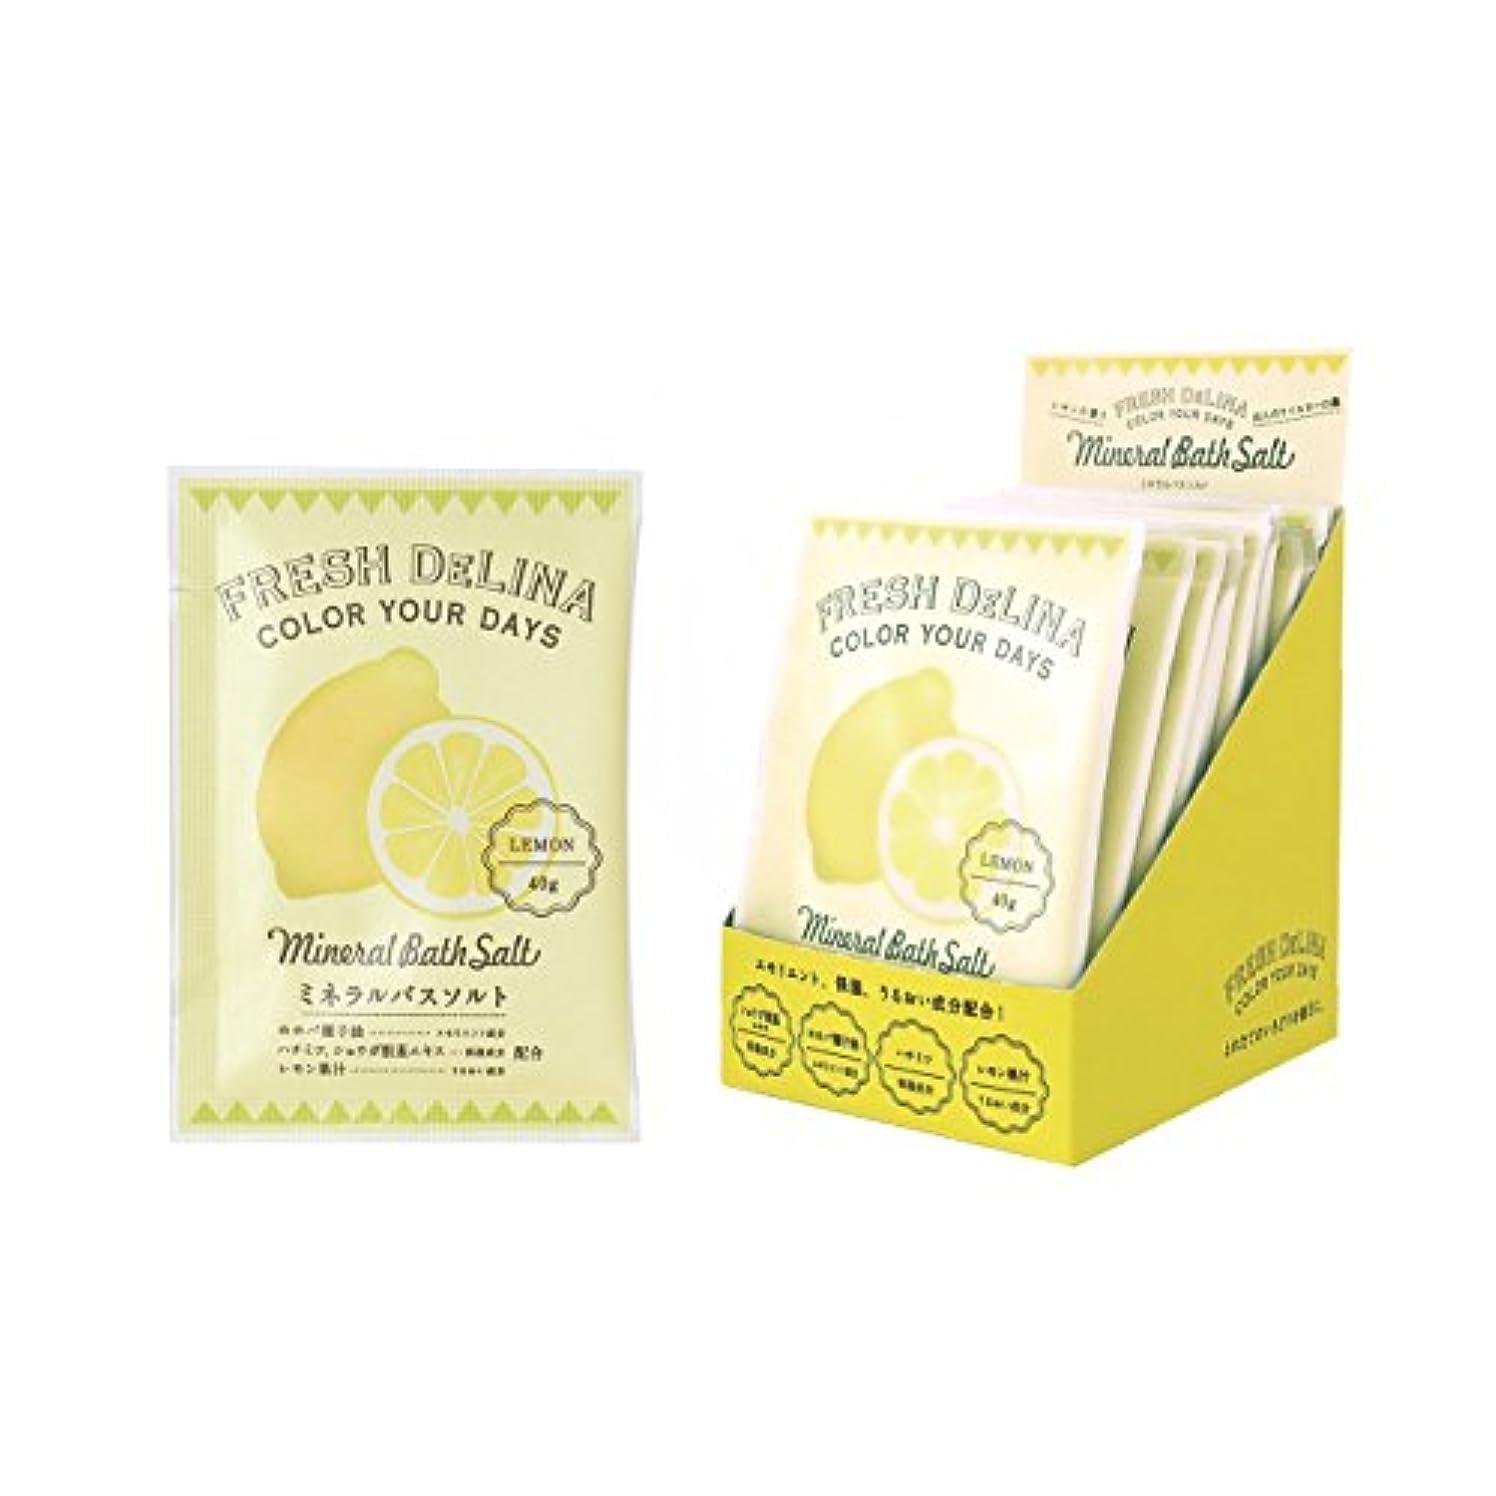 化学者プレビュー始めるフレッシュデリーナ ミネラルバスソルト40g(レモン) 12個 (海塩タイプ入浴料 日本製 どこかなつかしいフレッシュなレモンの香り)